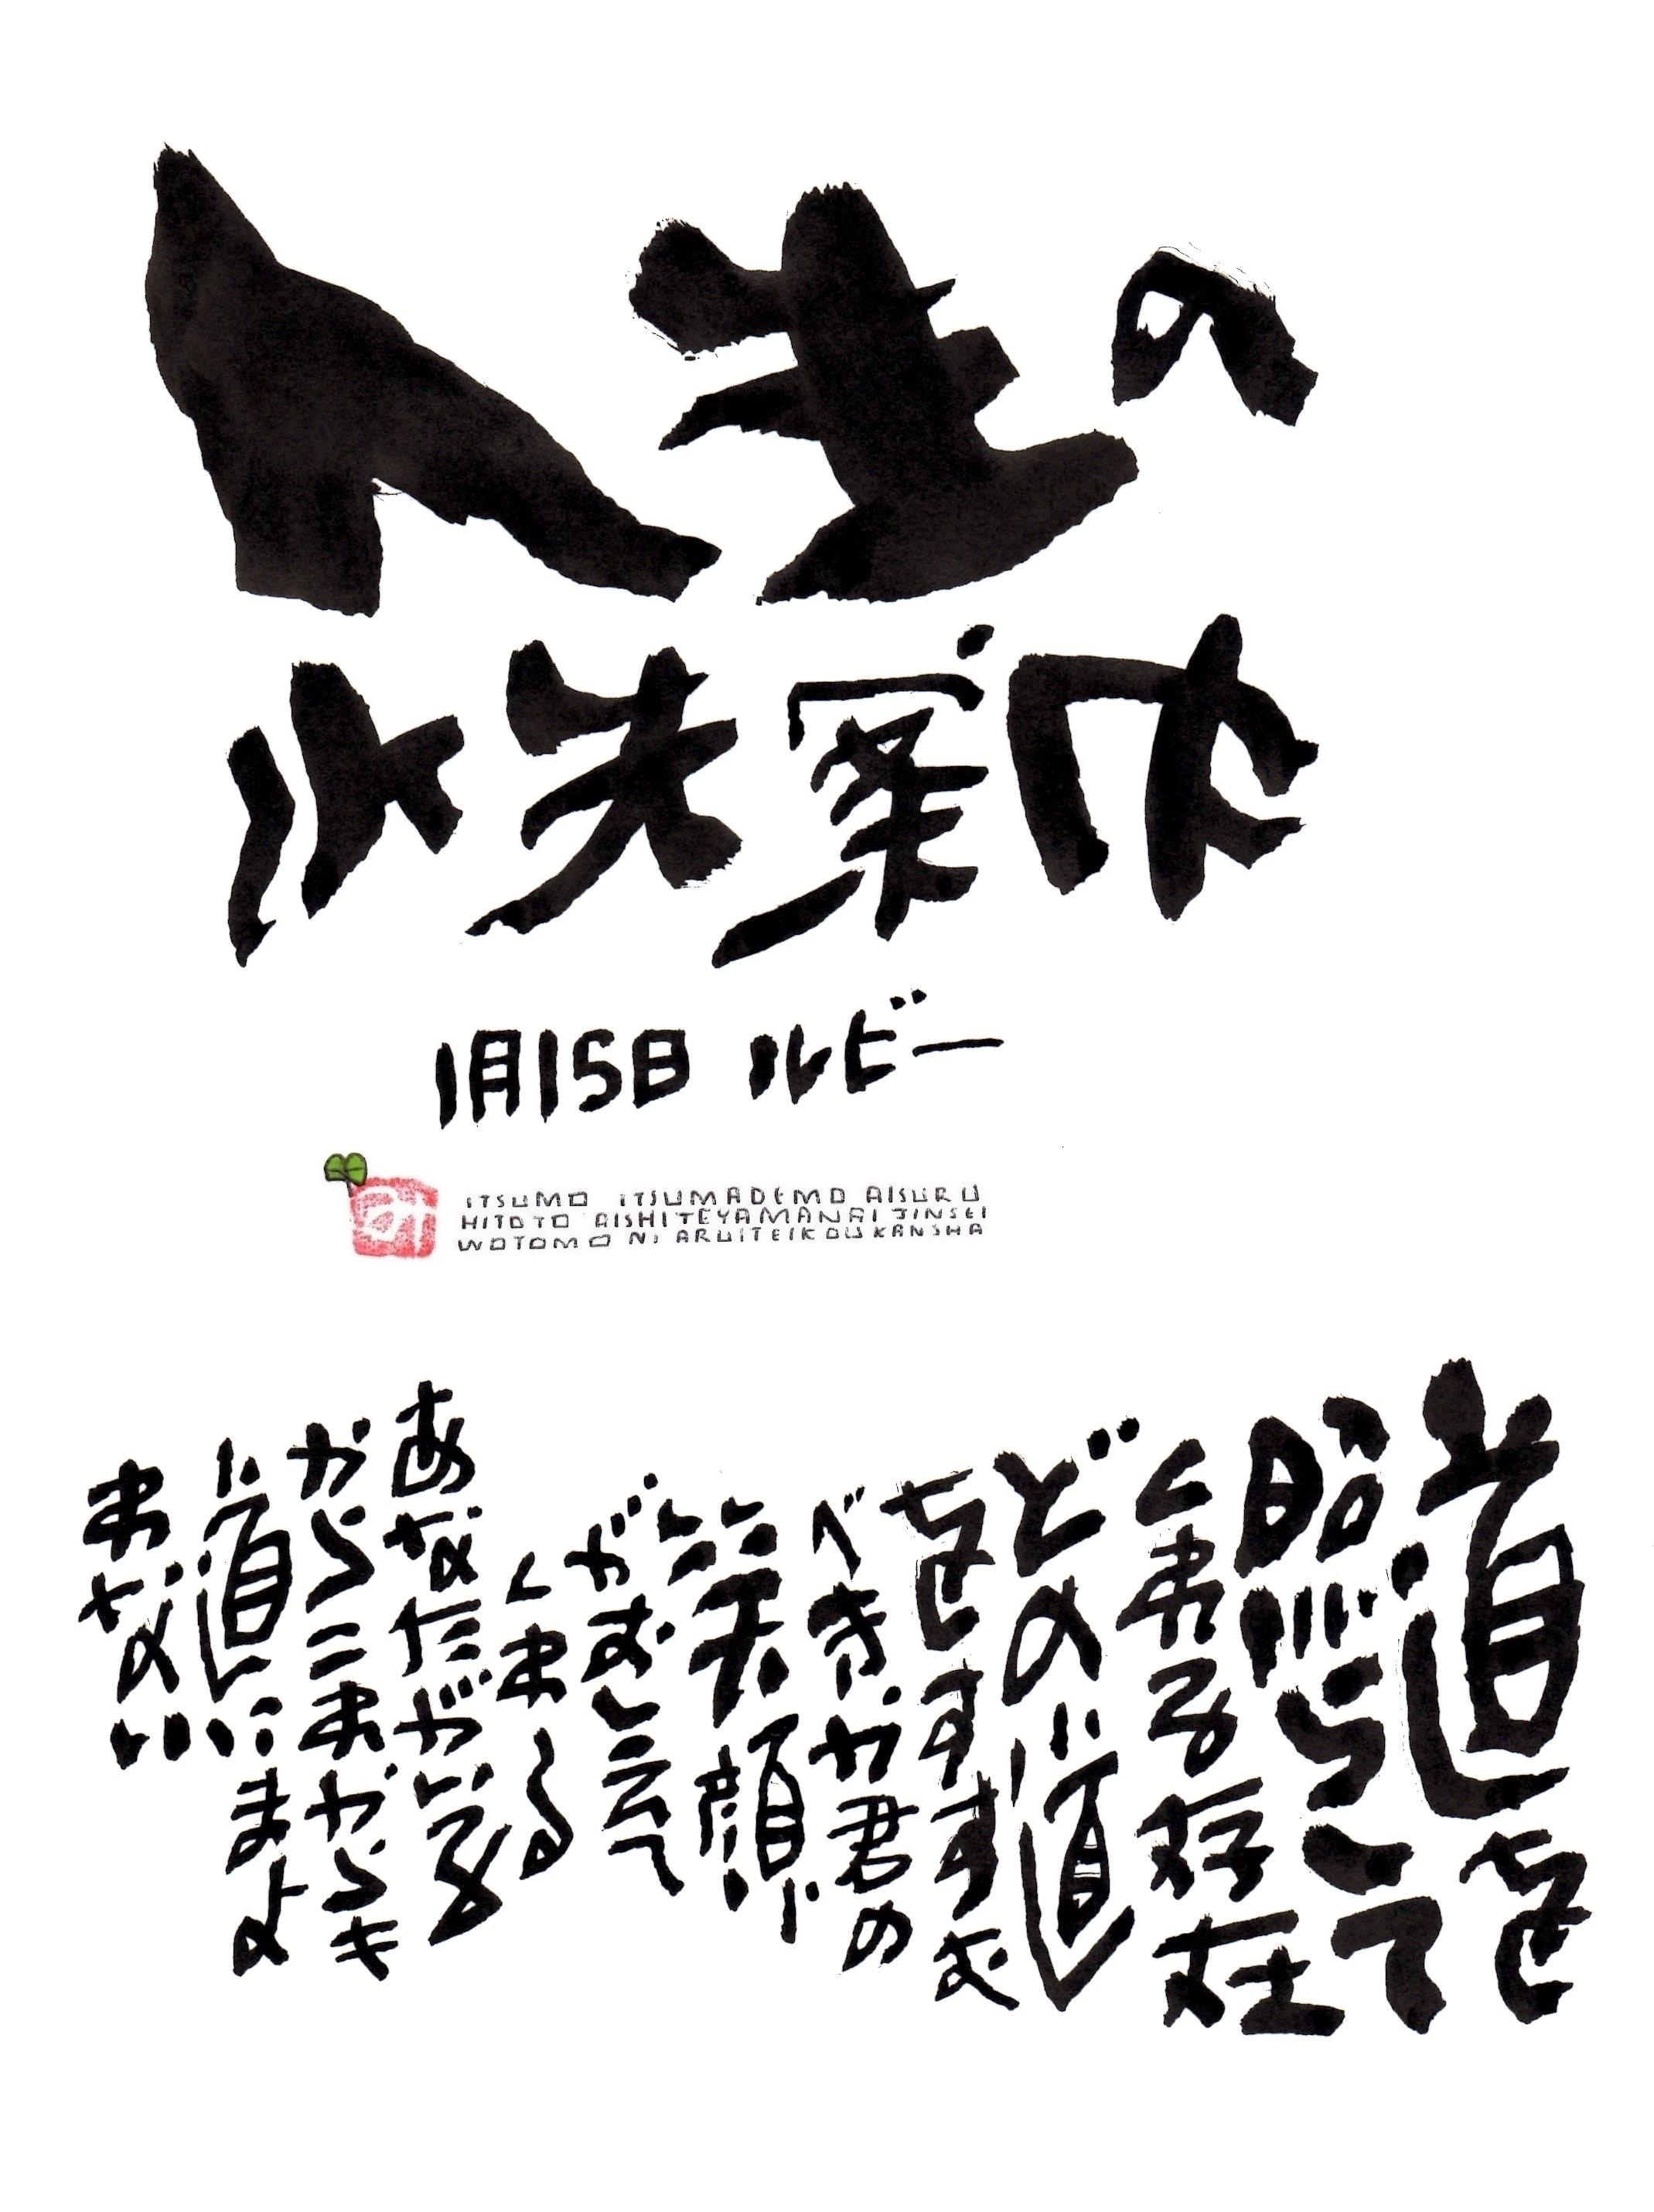 1月15日 結婚記念日ポストカード【人生の水先案内】